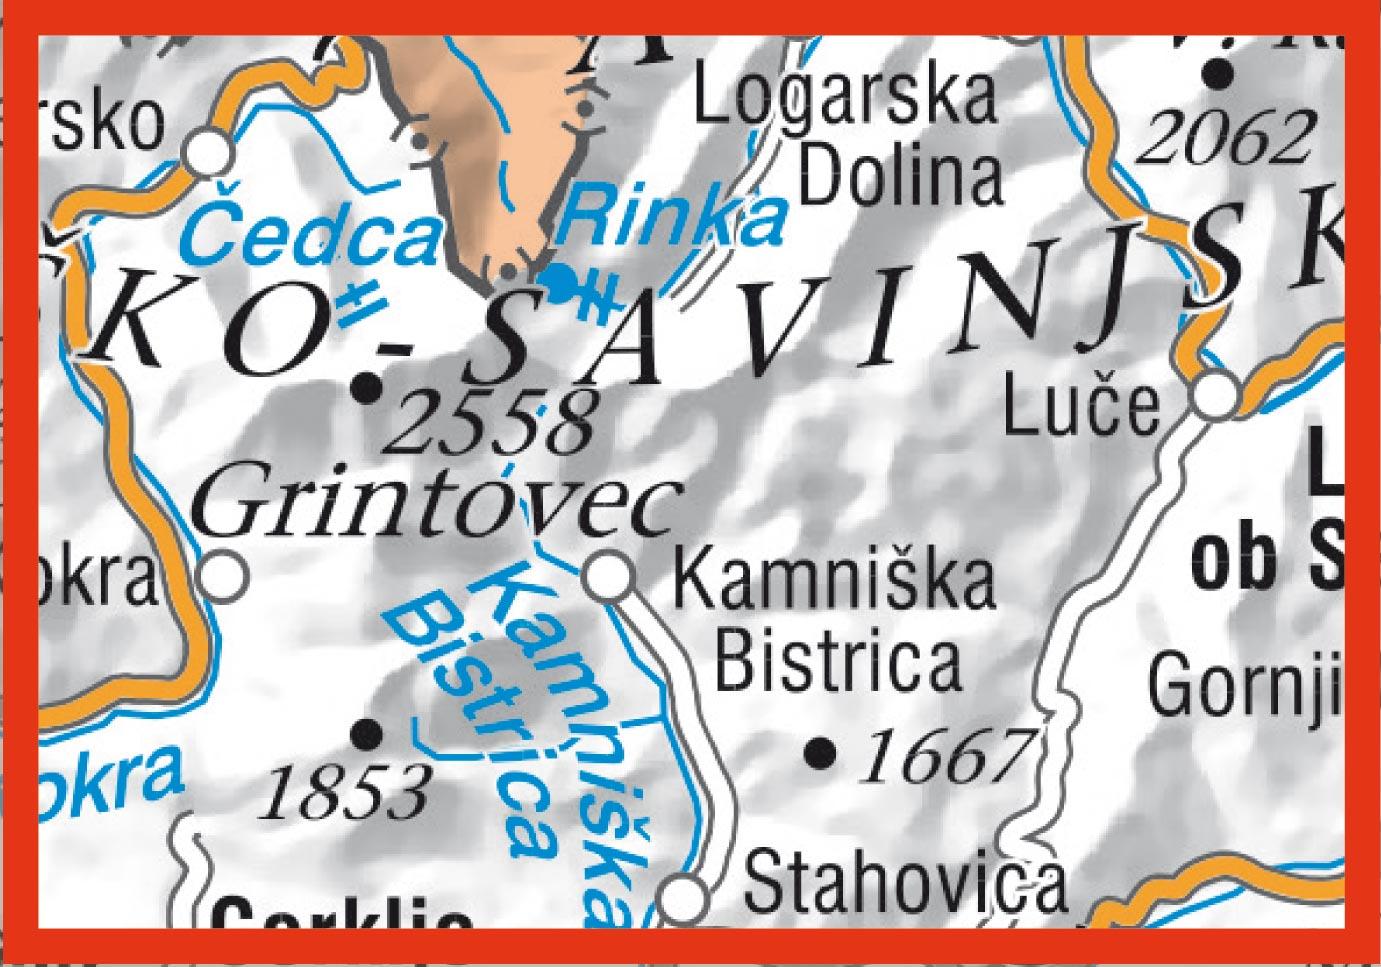 Grintovci_obmocje_karte